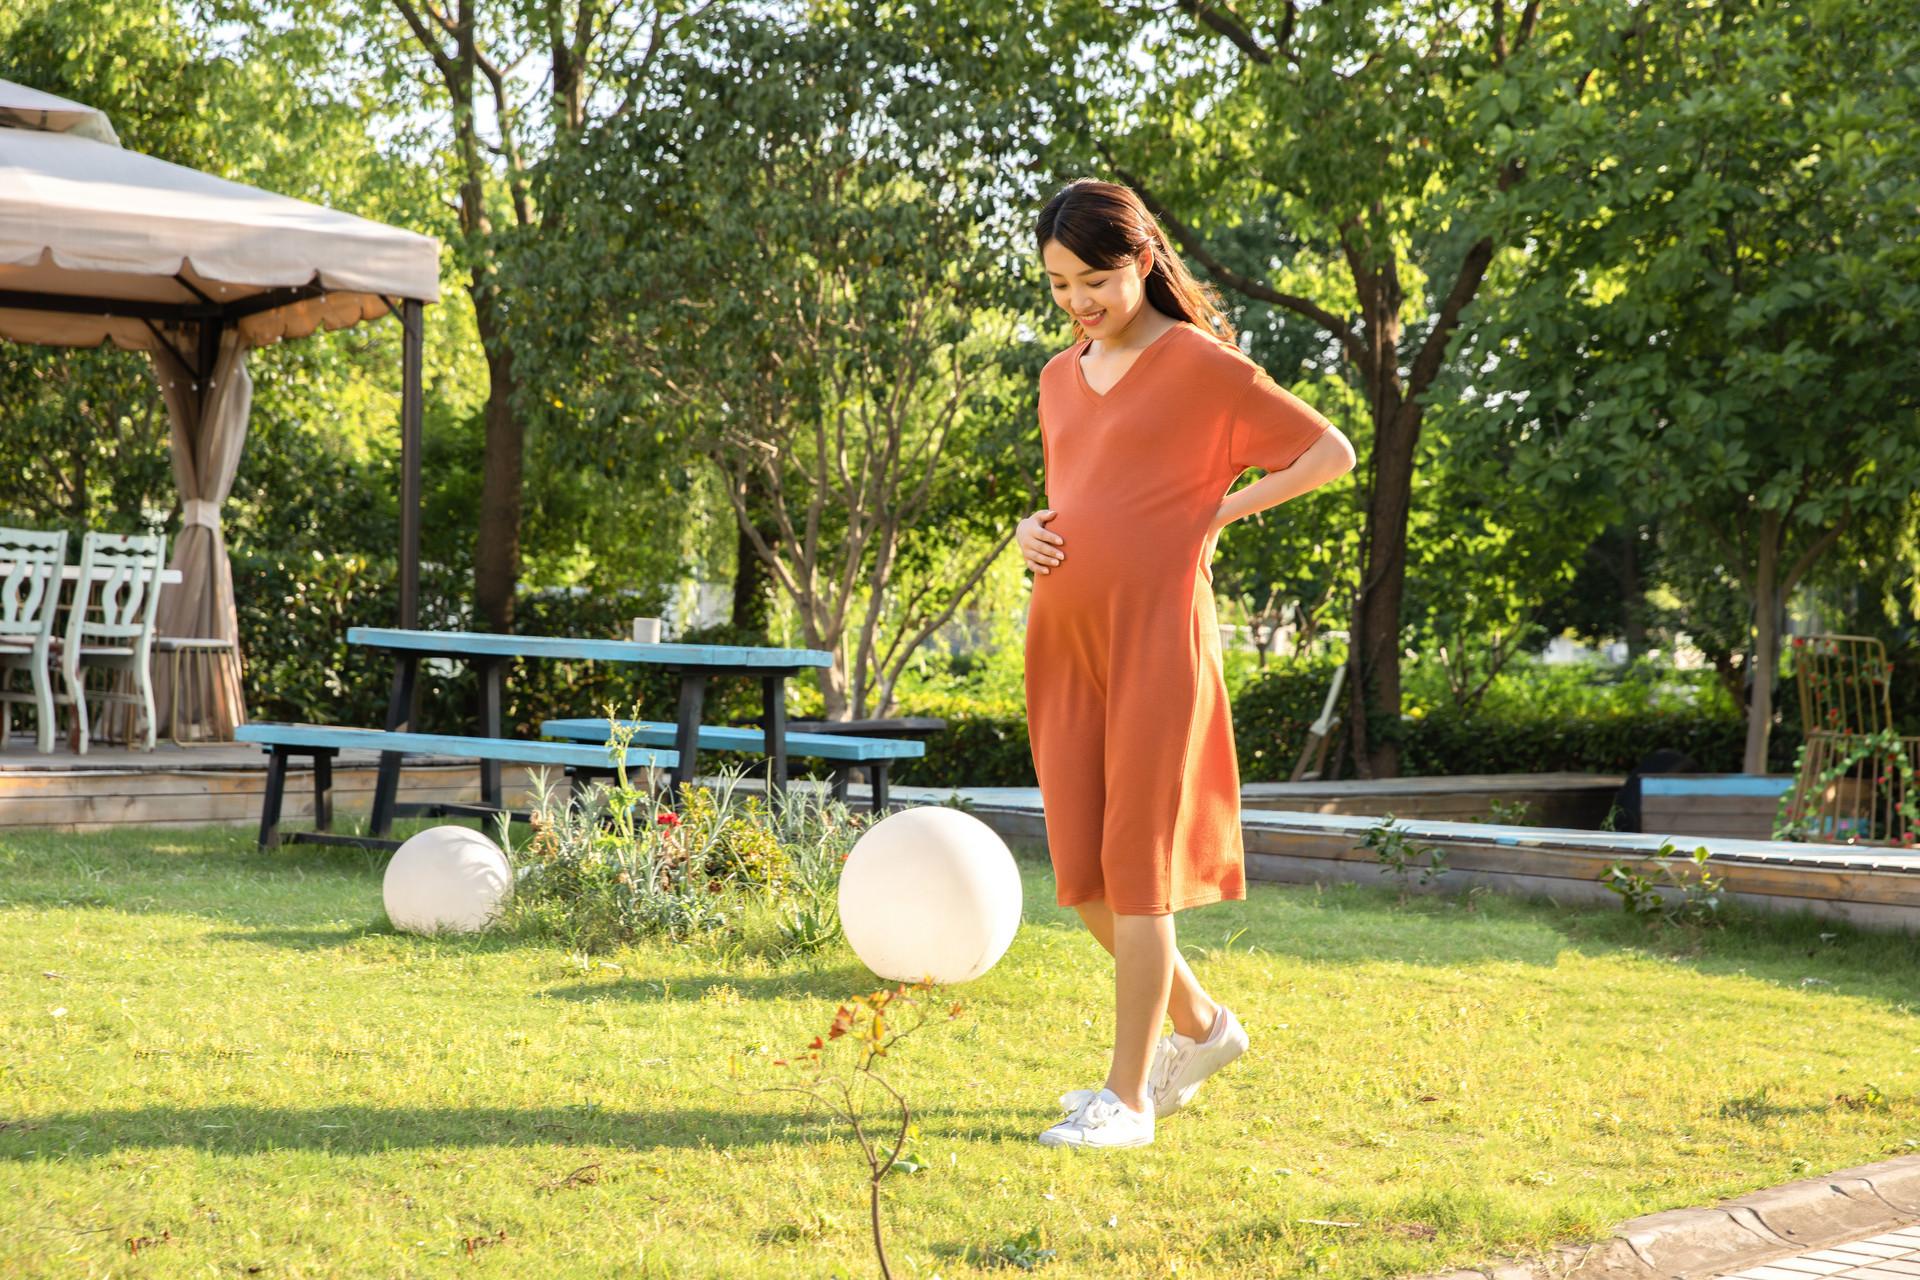 夏季孕妇饮食三误区,准妈妈需注意,避免影响自己和胎儿健康